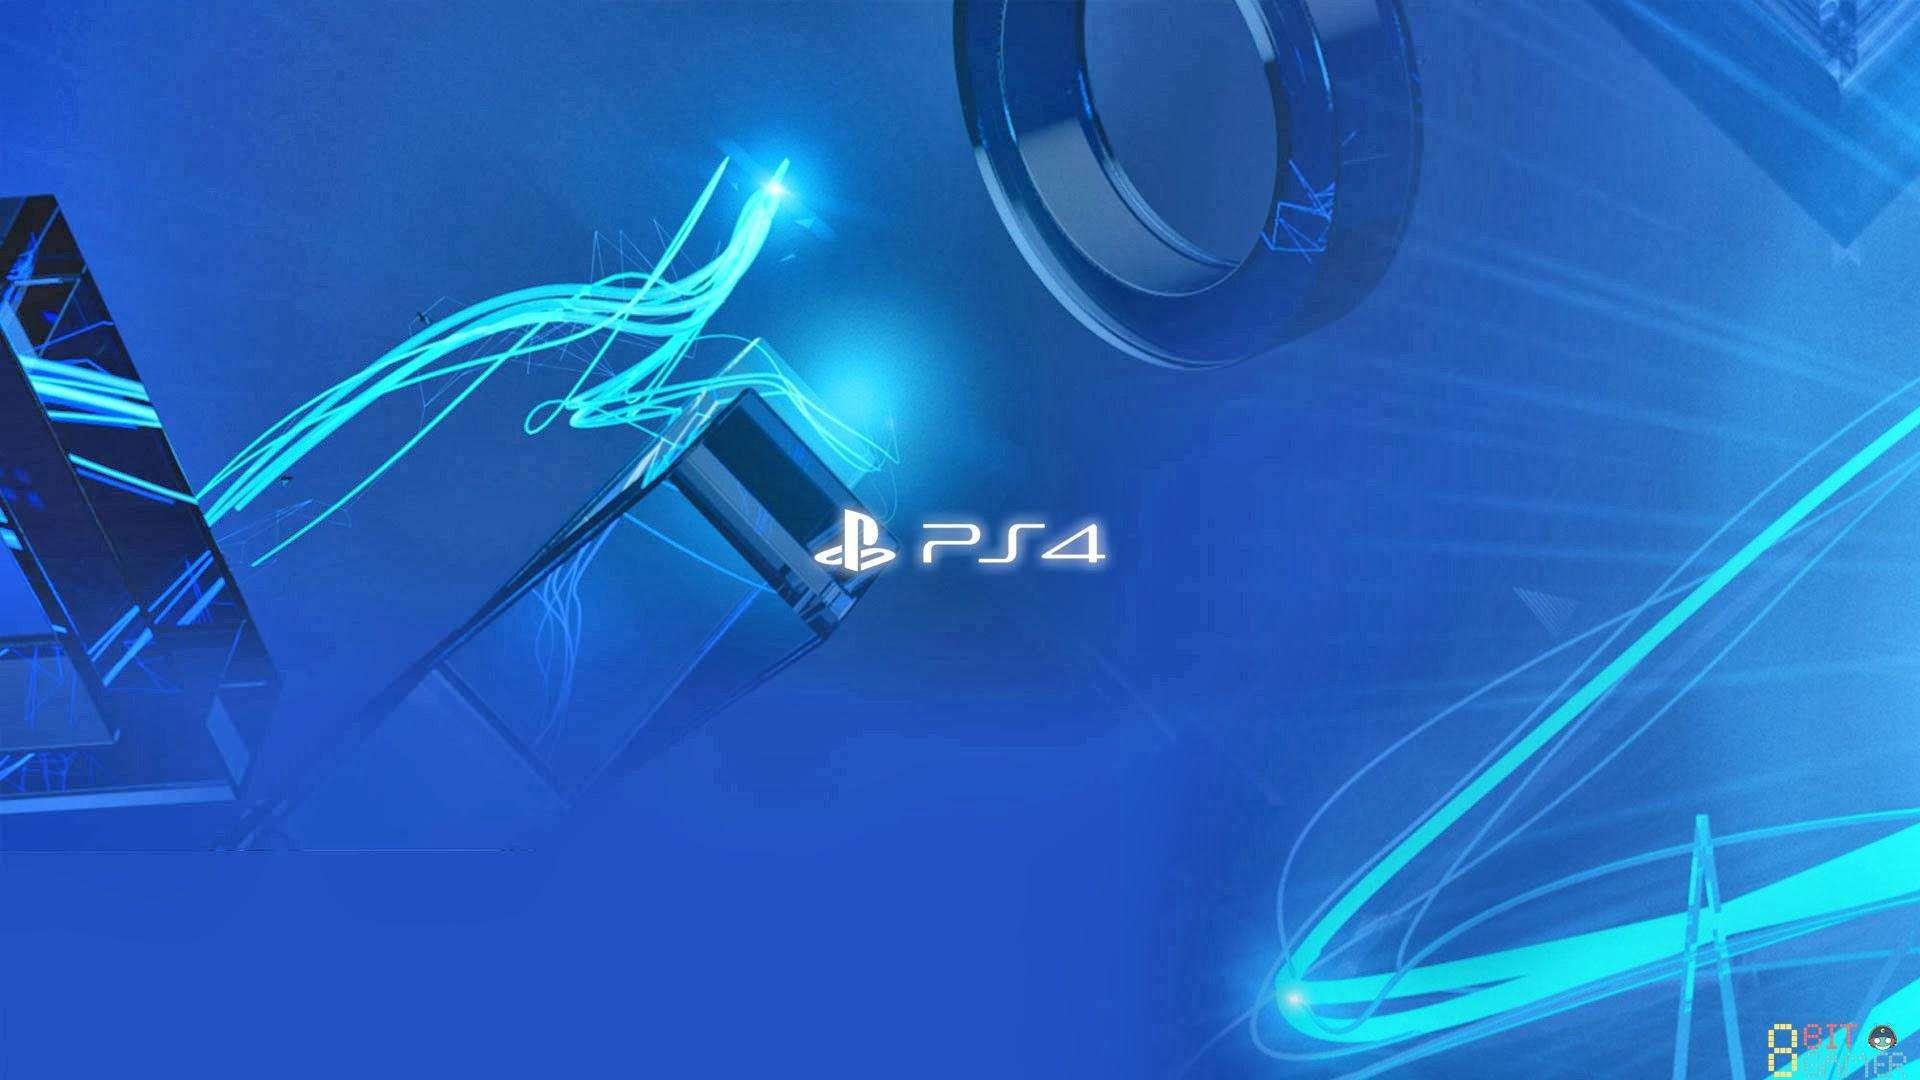 PS4 Desktop Wallpapers - Top Free PS4